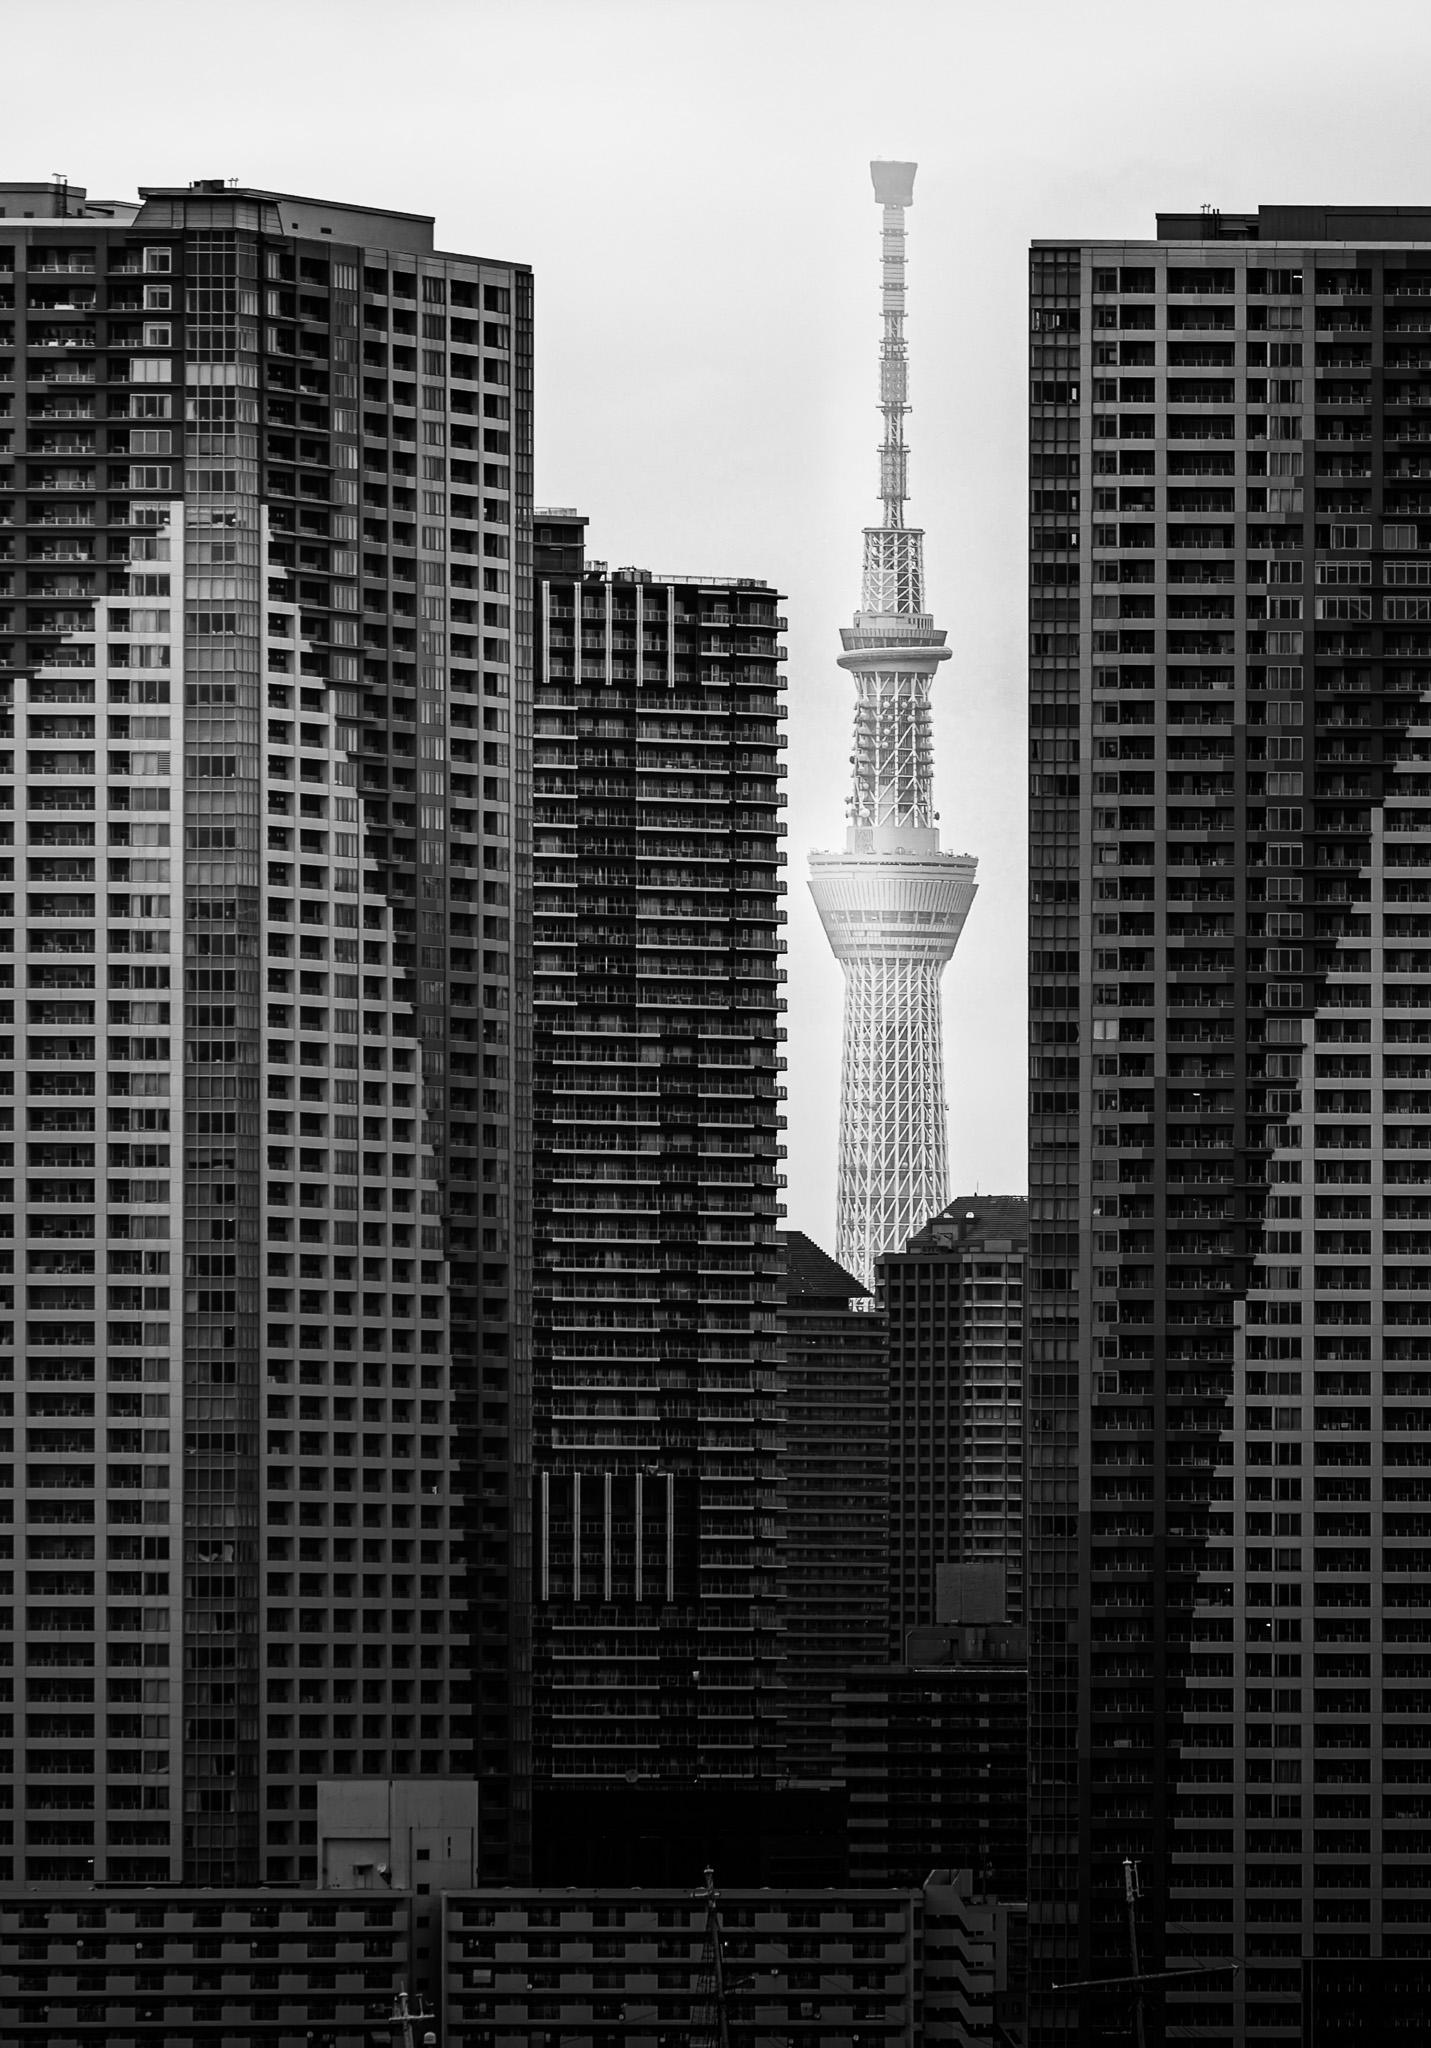 Japan Cityscape 2019